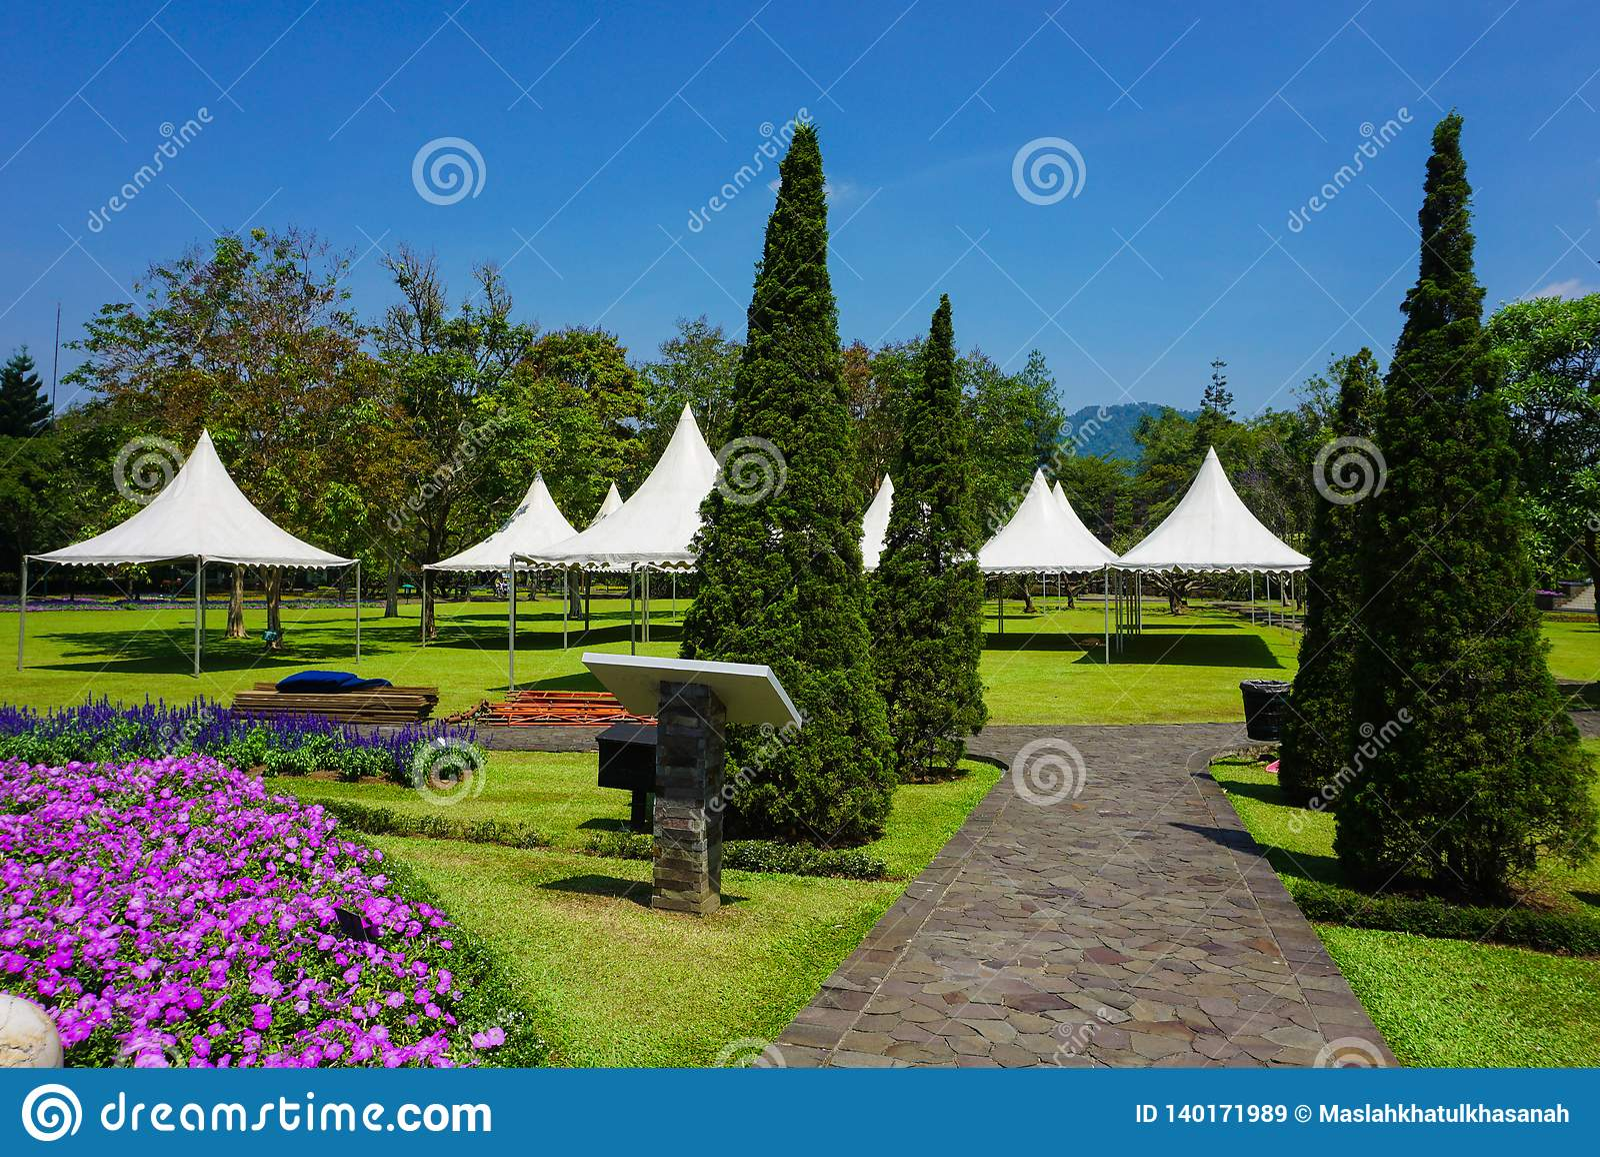 Bahn vom Stein mit dem Gehen zum weißen Zelt auf dem Park - Foto Indonesien Bogor